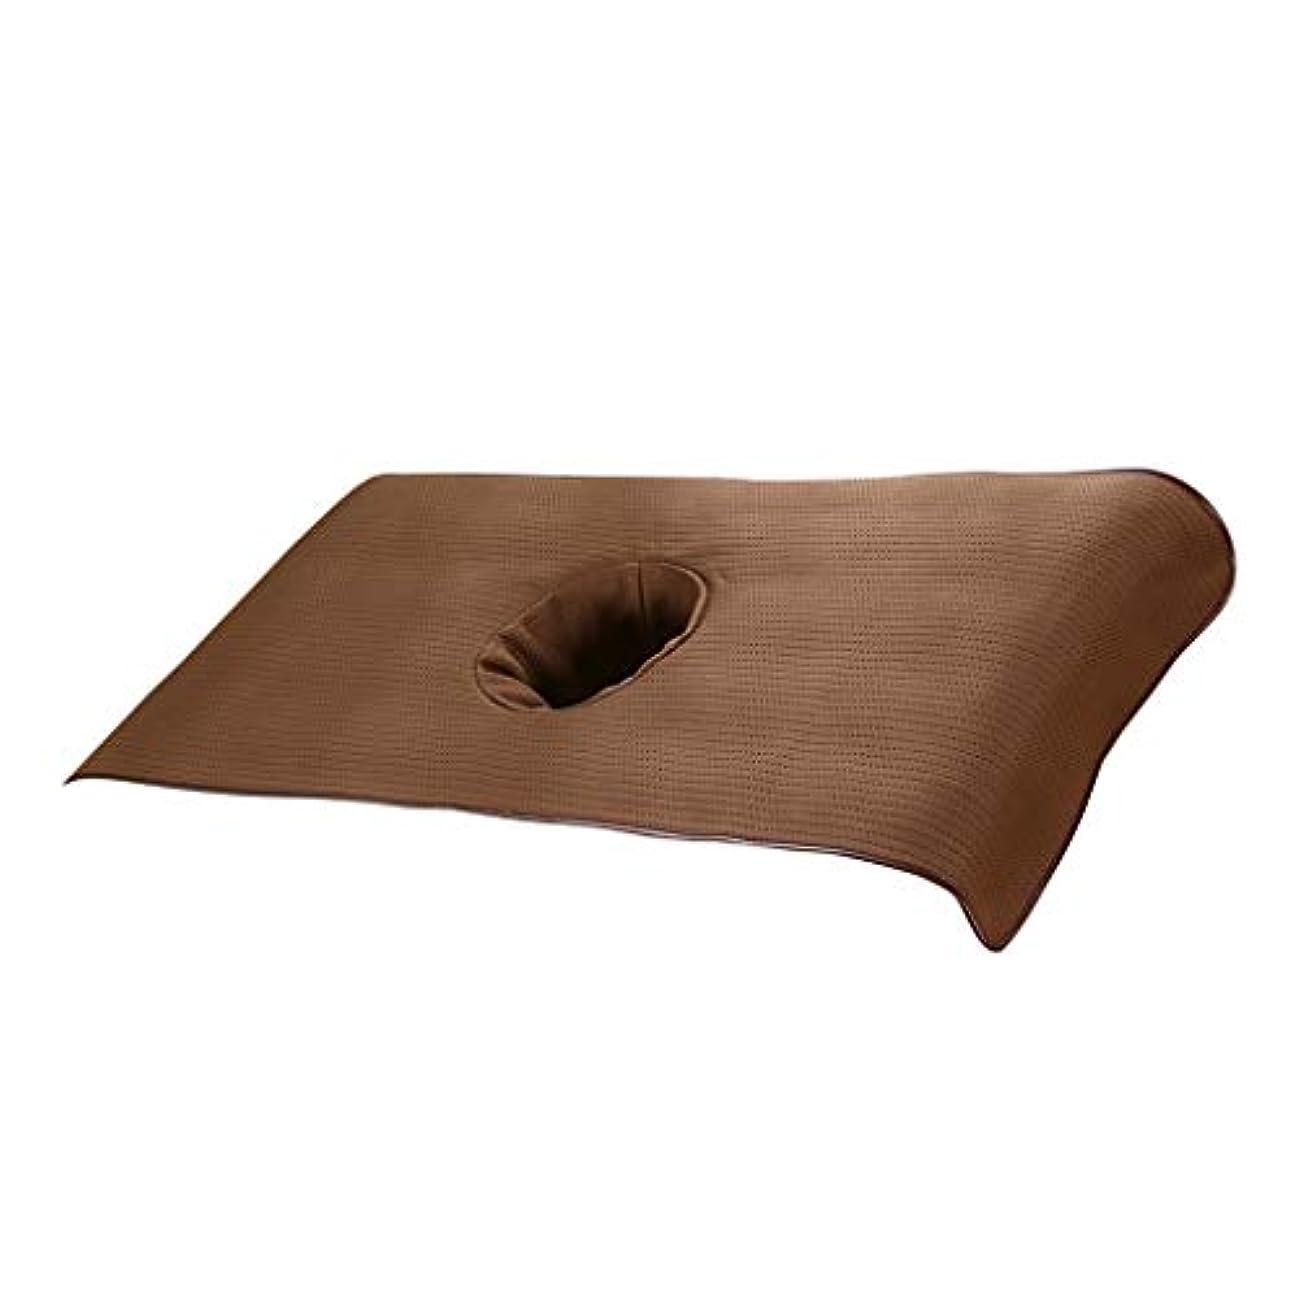 鎮静剤してはいけない火傷柔らかい スパ マッサージベッドカバー ベッドカバーシート 通気性 - 褐色